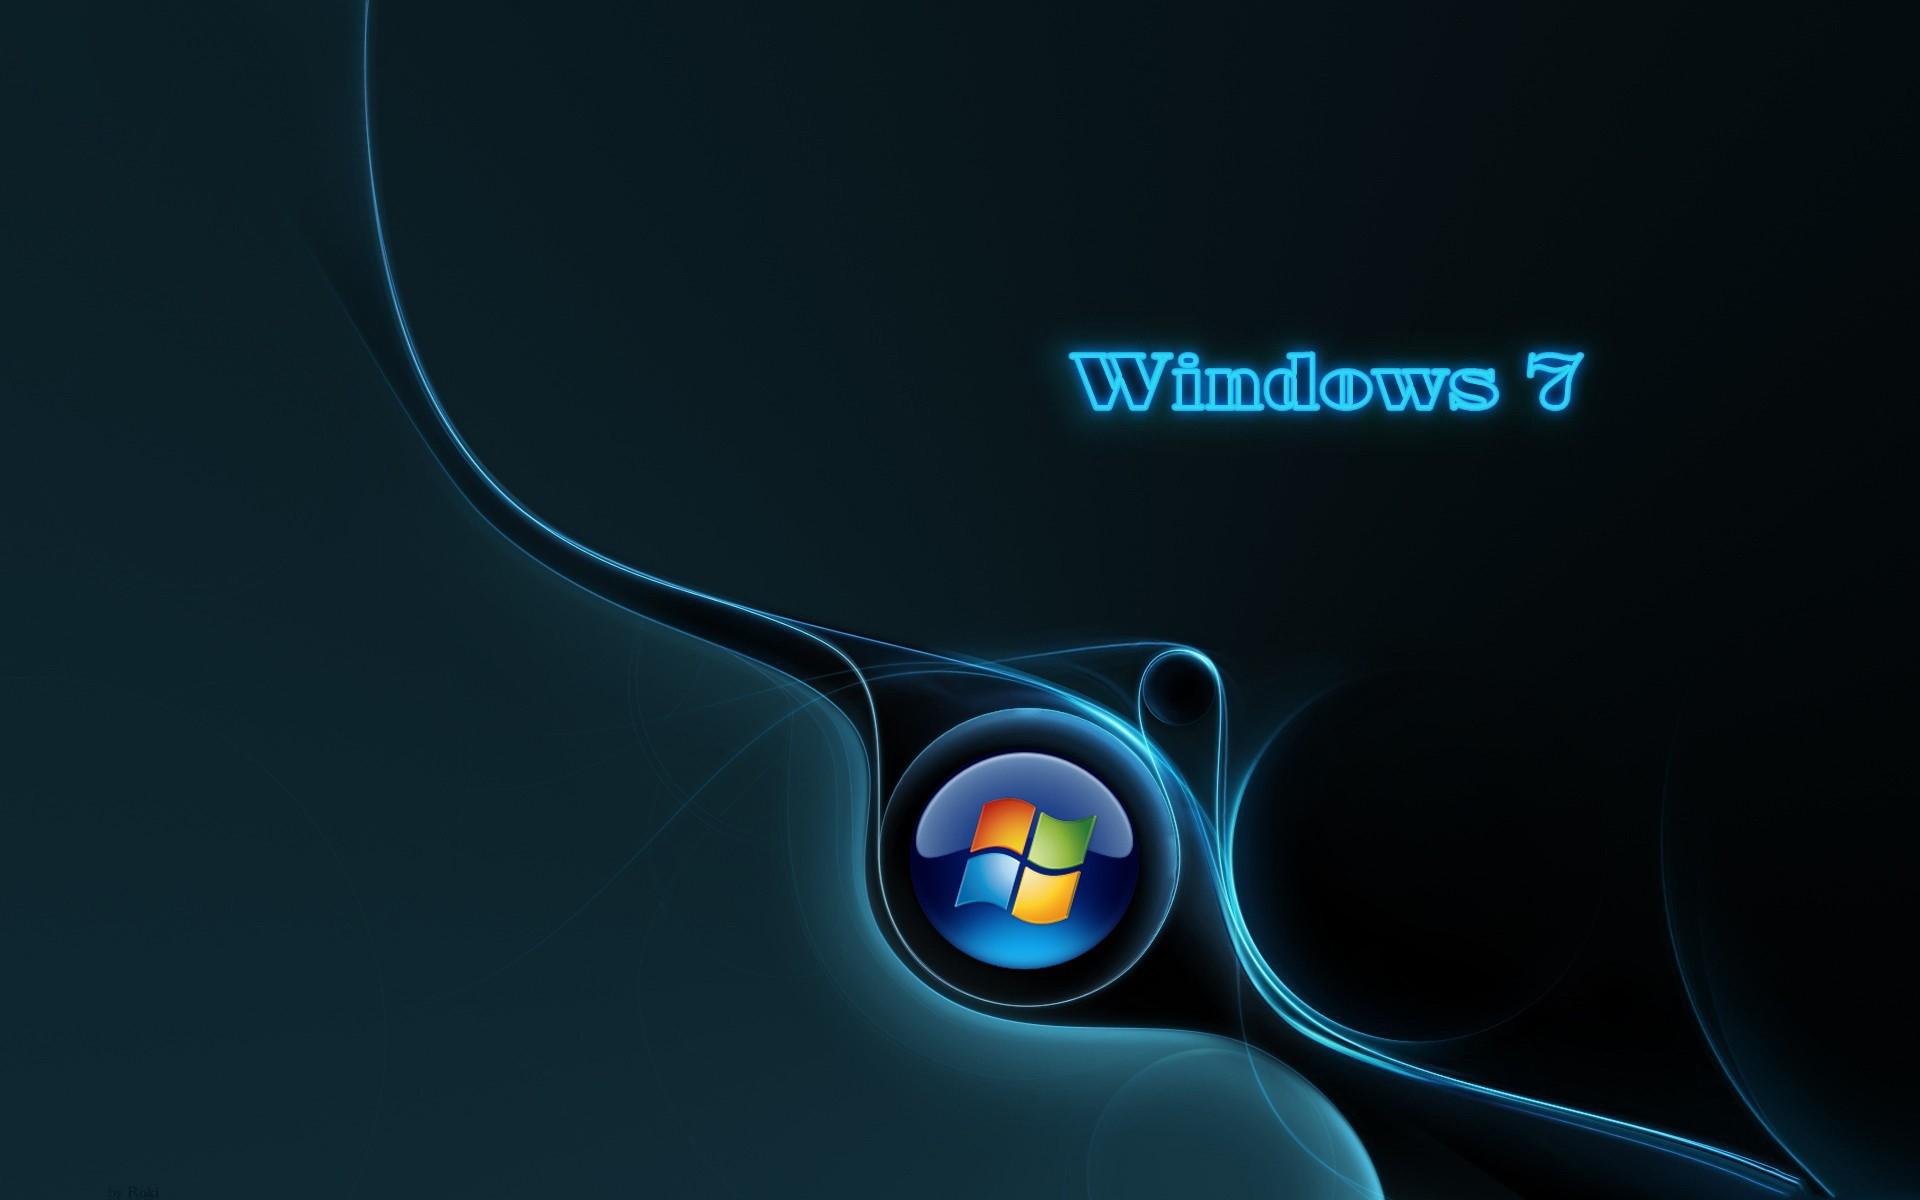 Windows 7 Widescreen Wallpaper